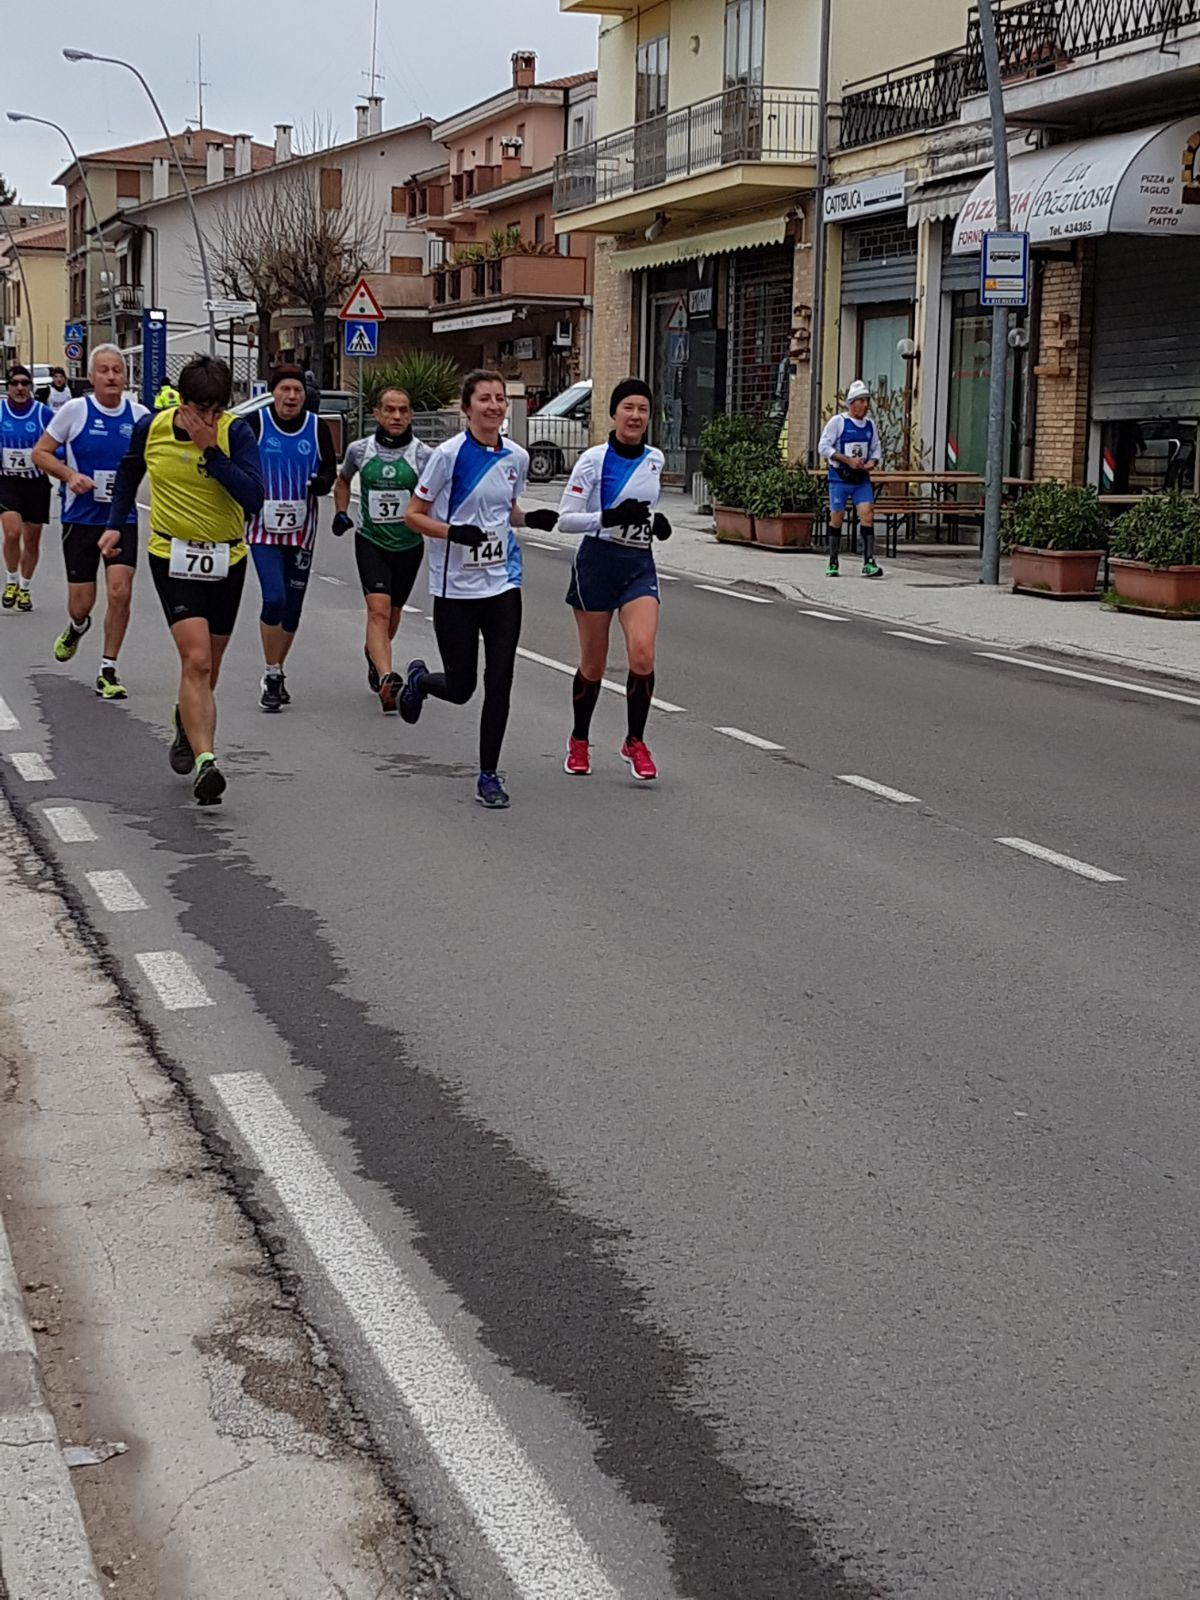 Corridonia  2018-03-18 at 13.48.46